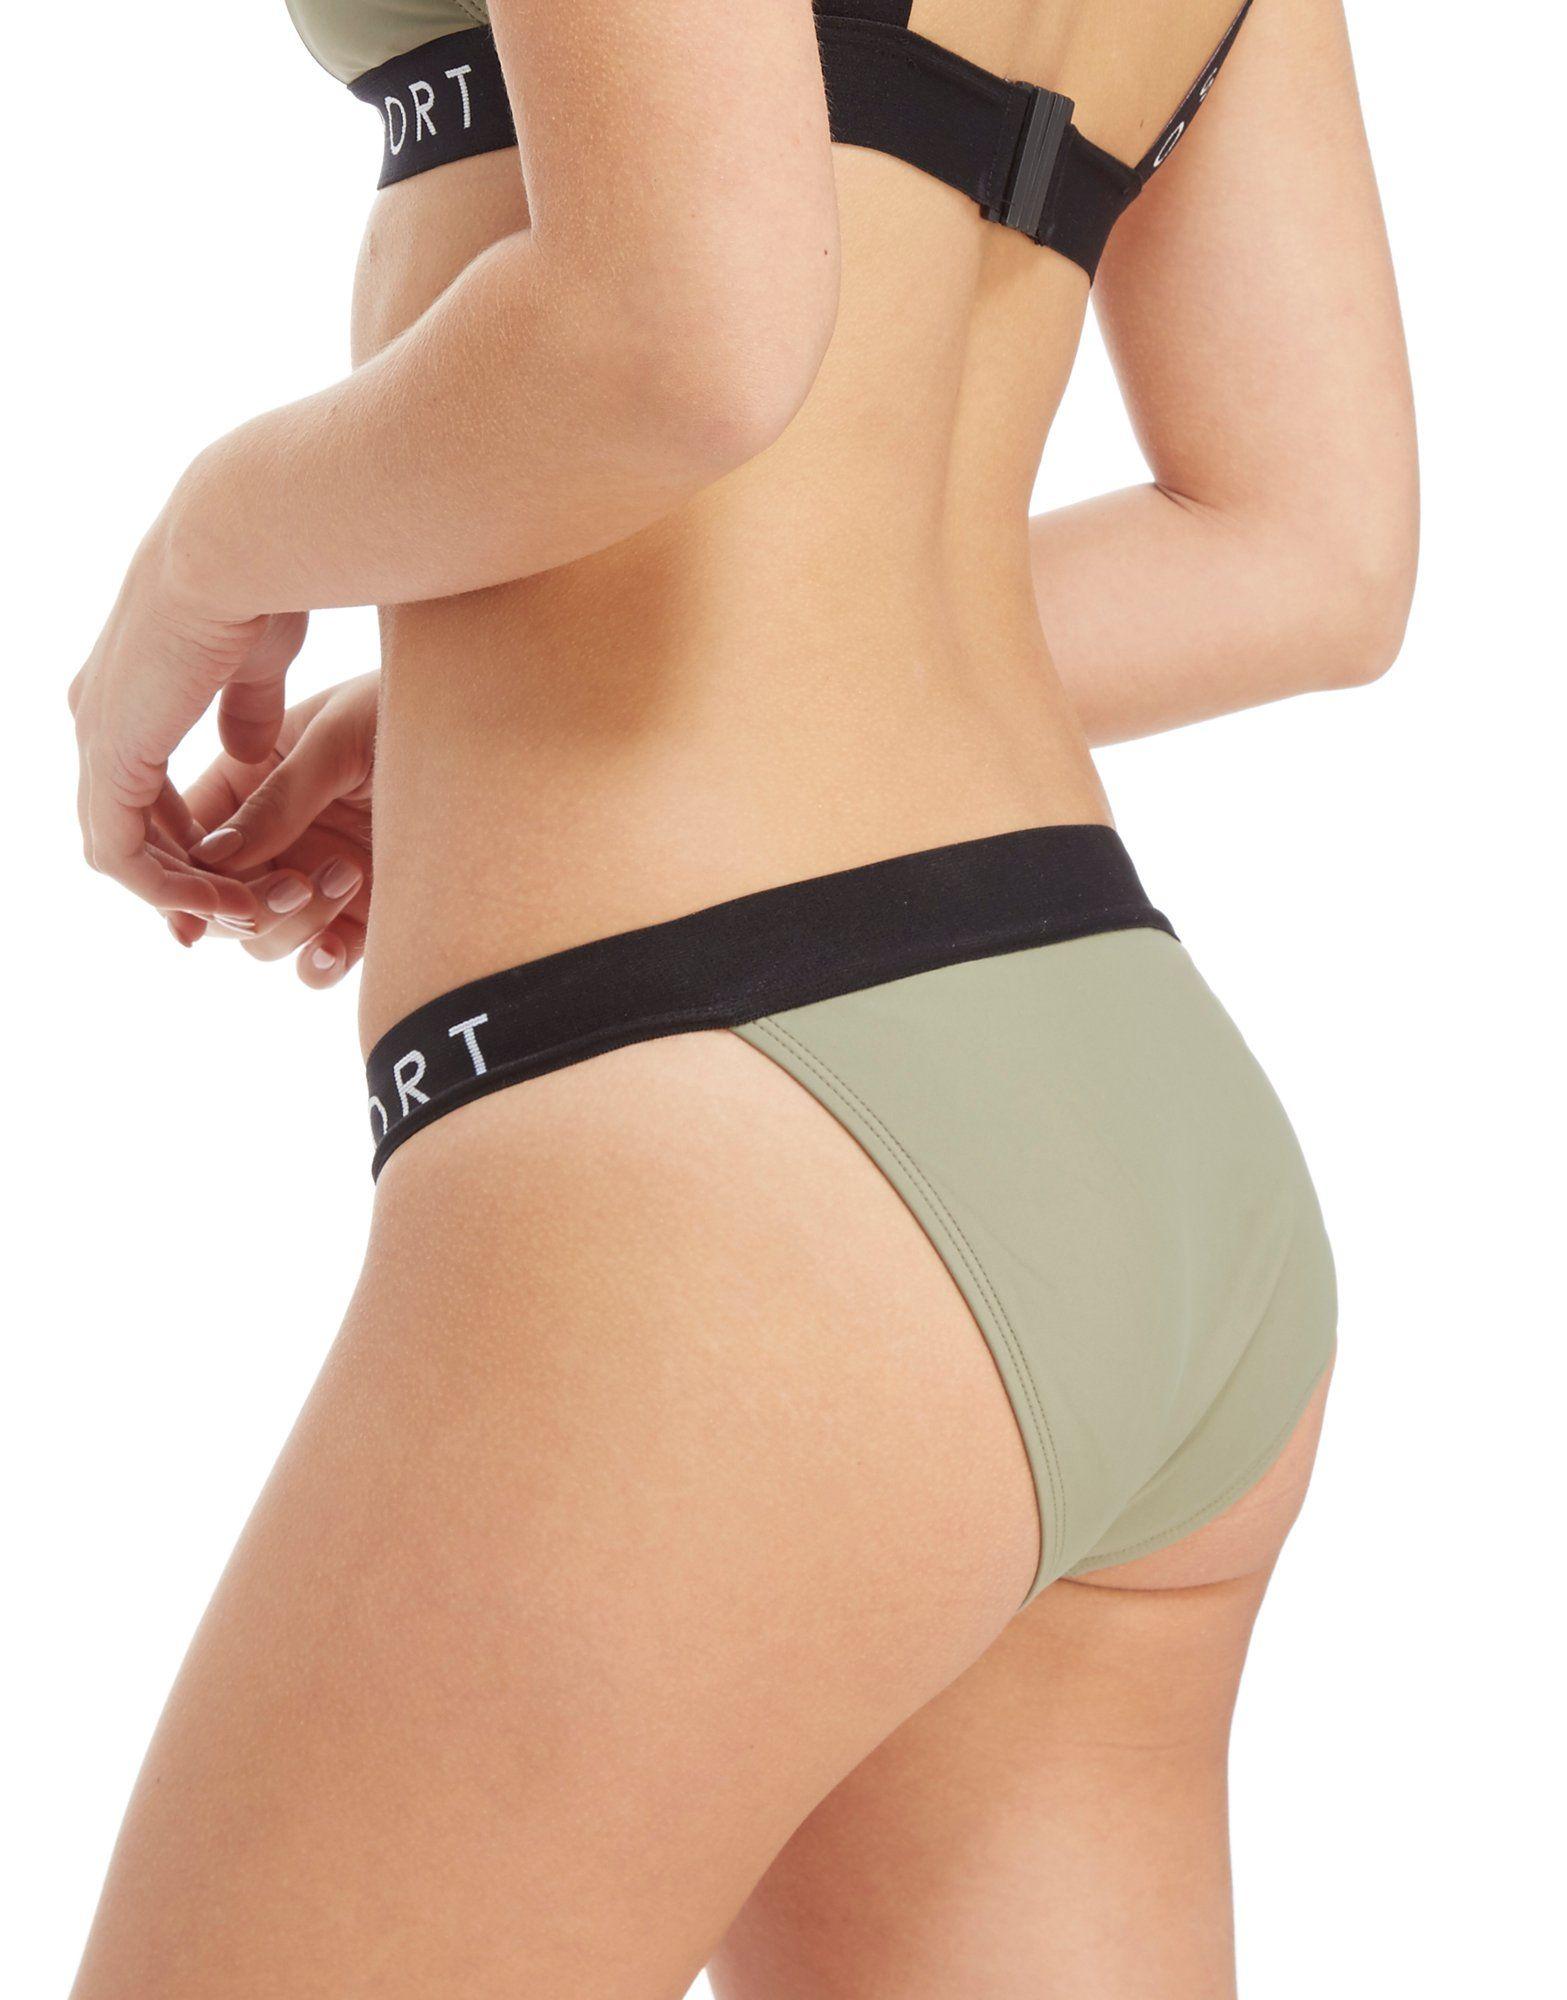 Zum Verkauf Online-Shop Pink Soda Sport Bikini Bottoms Grün Sast Online Verkauf Des Niedrigen Preises Online Echte Online uOtEzAhG